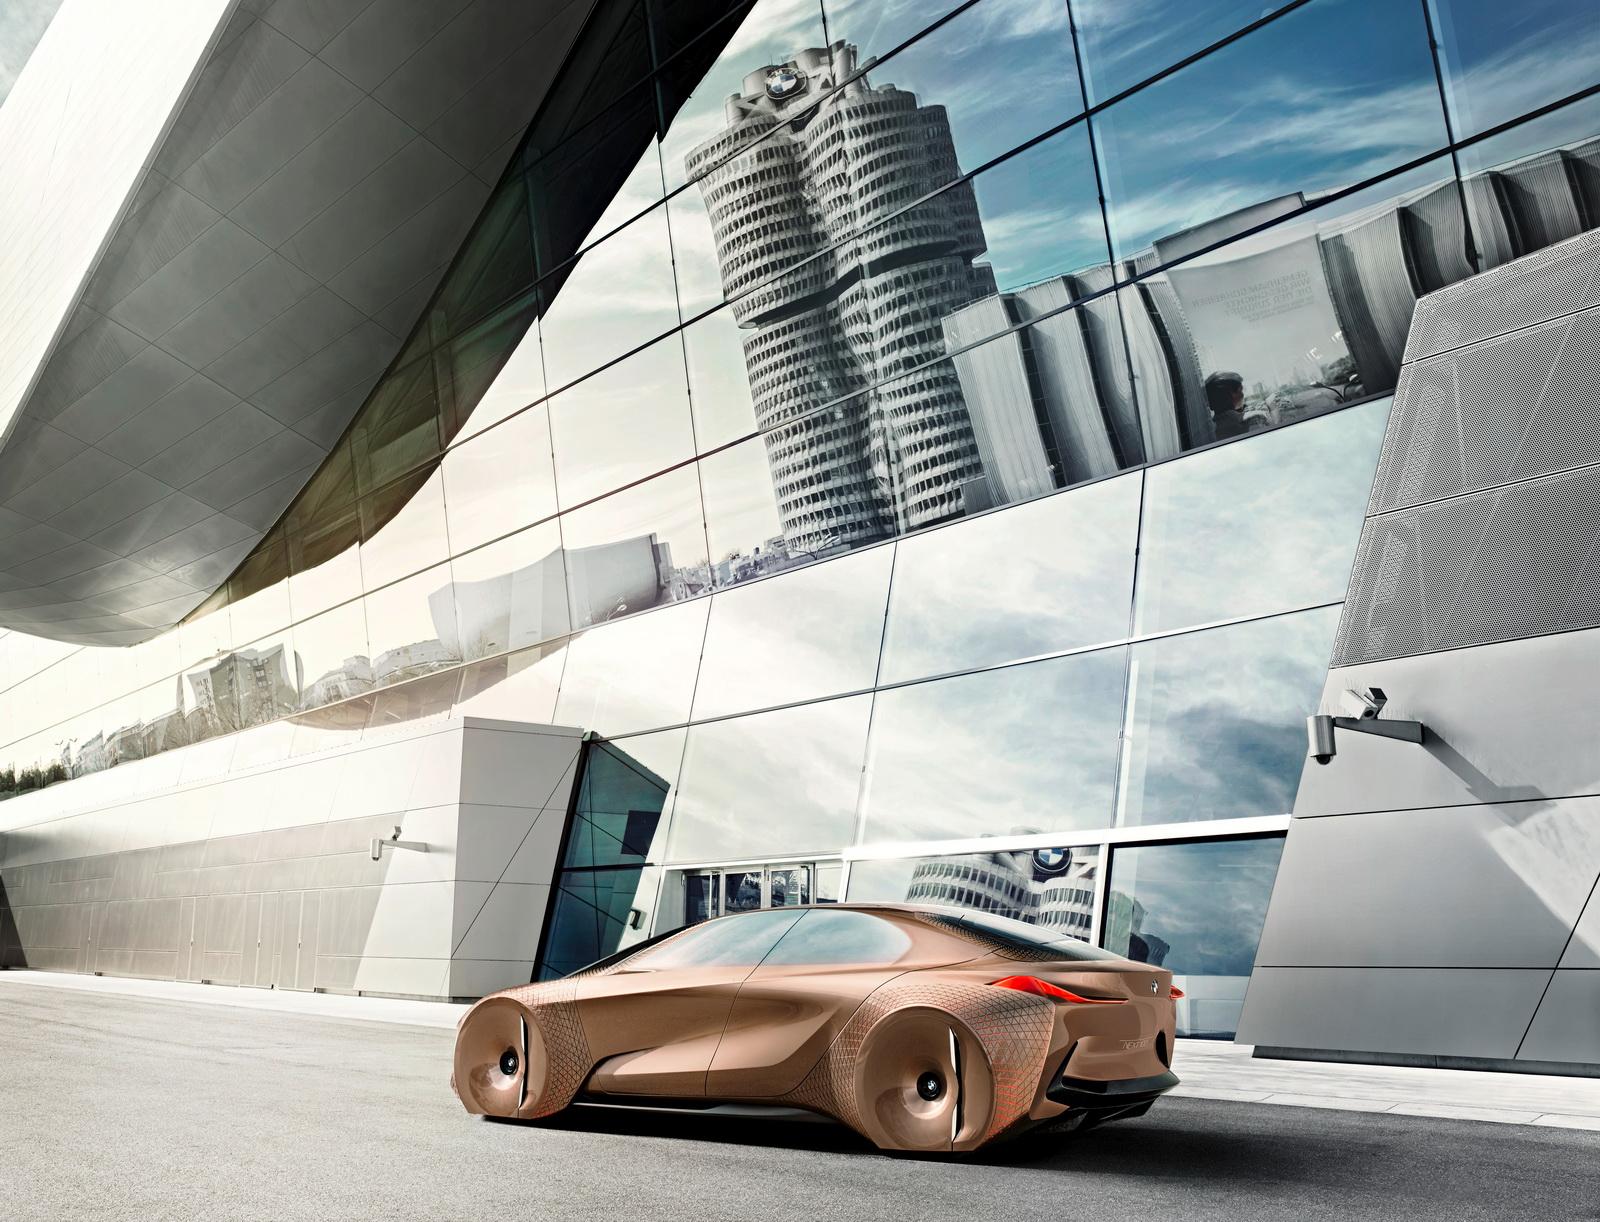 2016-BMWVision100-14.jpg